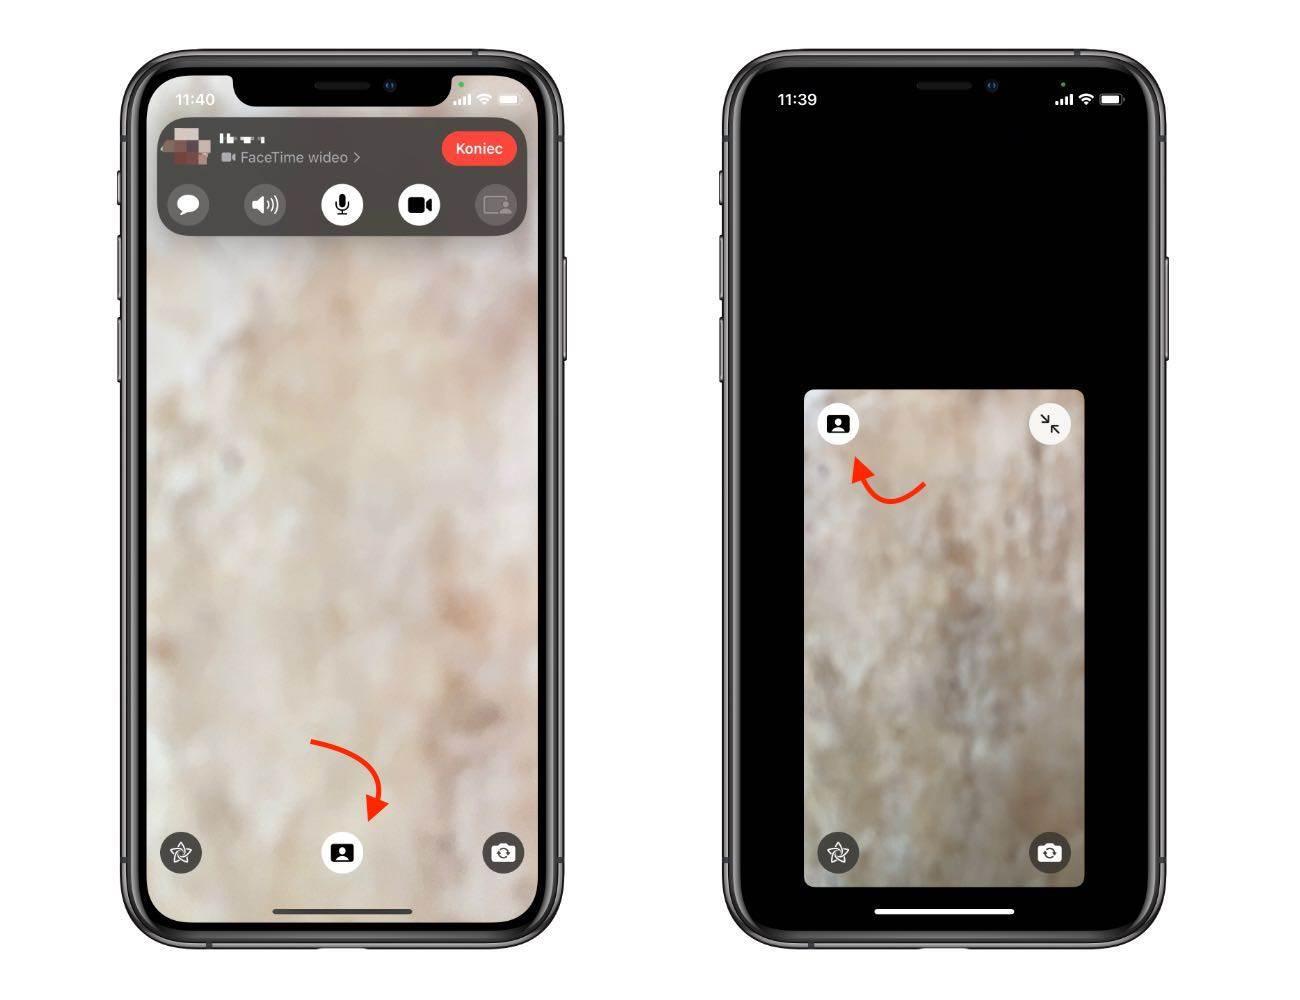 iOS 15, jak włączyć tryb portretowy w FaceTime polecane, ciekawostki tryb portretowy, rozmycie tła, iPhone, iOS 15, FaceTime  W FaceTime w iOS 15 pojawiło się sporo nowych funkcji. Jedną z nich jest funkcja Portret. Jak zatem włączyć tryb portretowy? iOS15 facetime 2